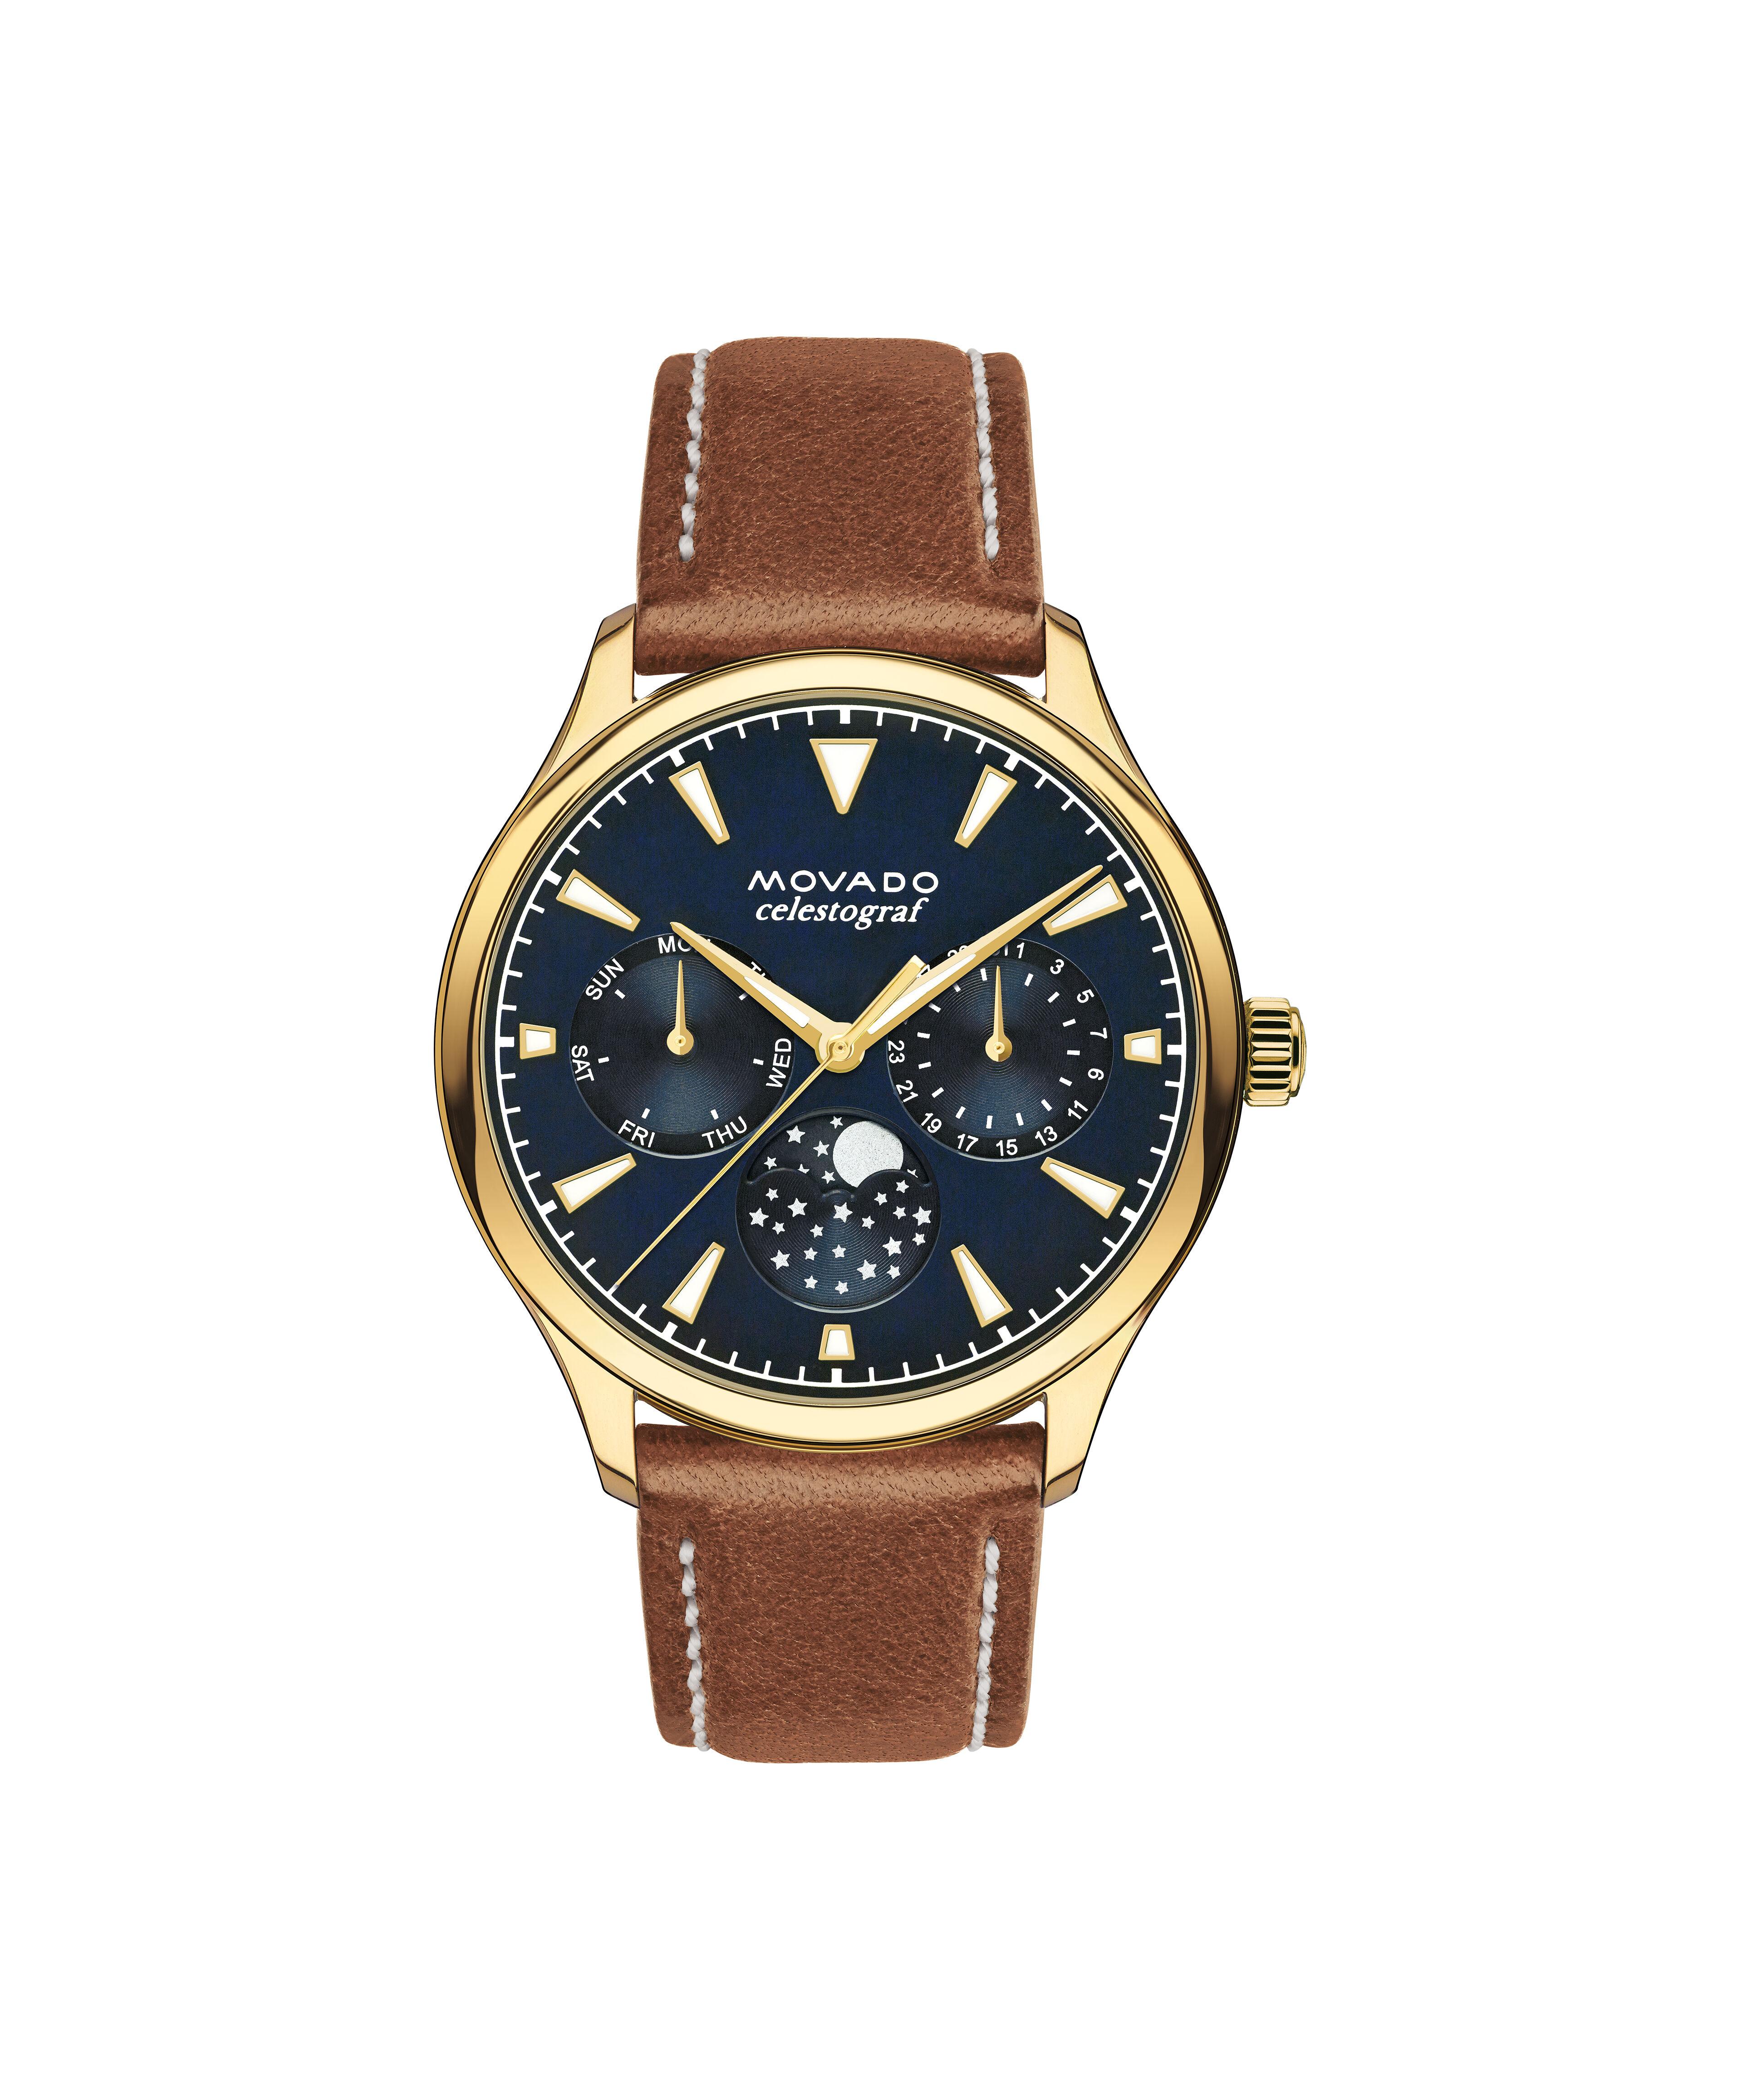 Replica Vs Fake Watches